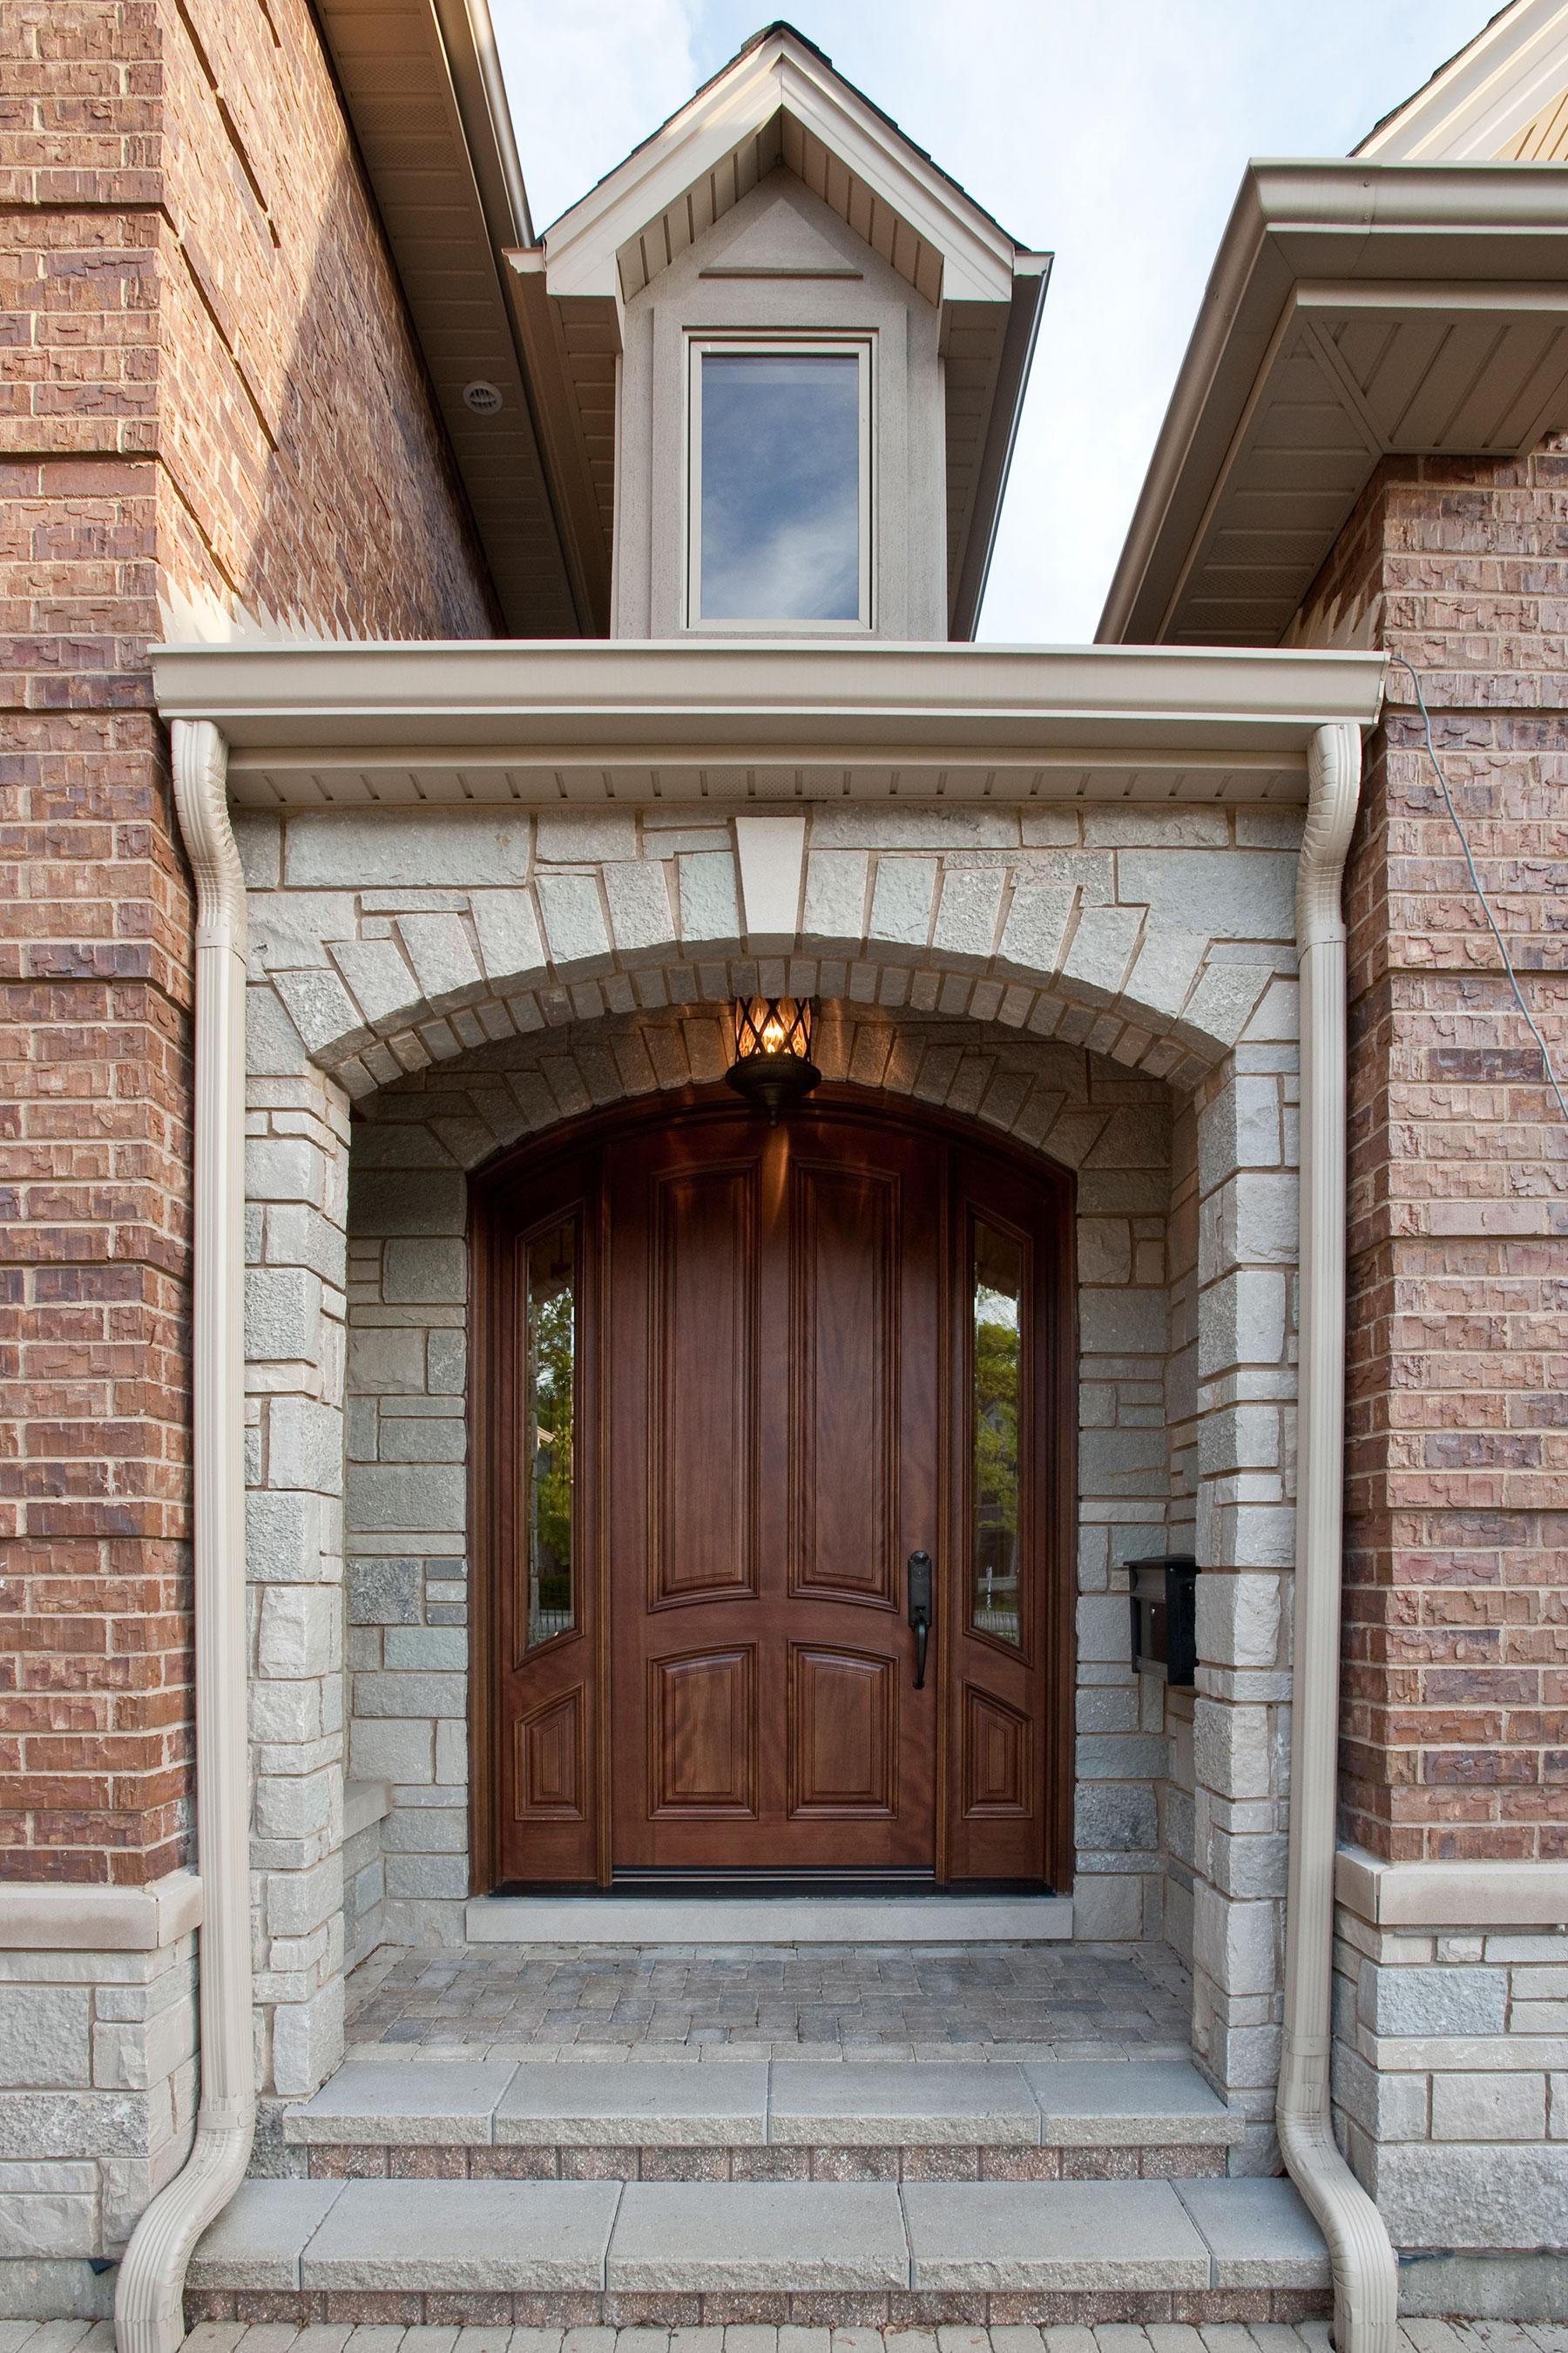 Wood Front Entry Doors in-Stock | 4 Panel Solid Mahogany Wood Door with sidelites  DB-552W 2SL - Glenview Doors - Custom Doors in Chicago